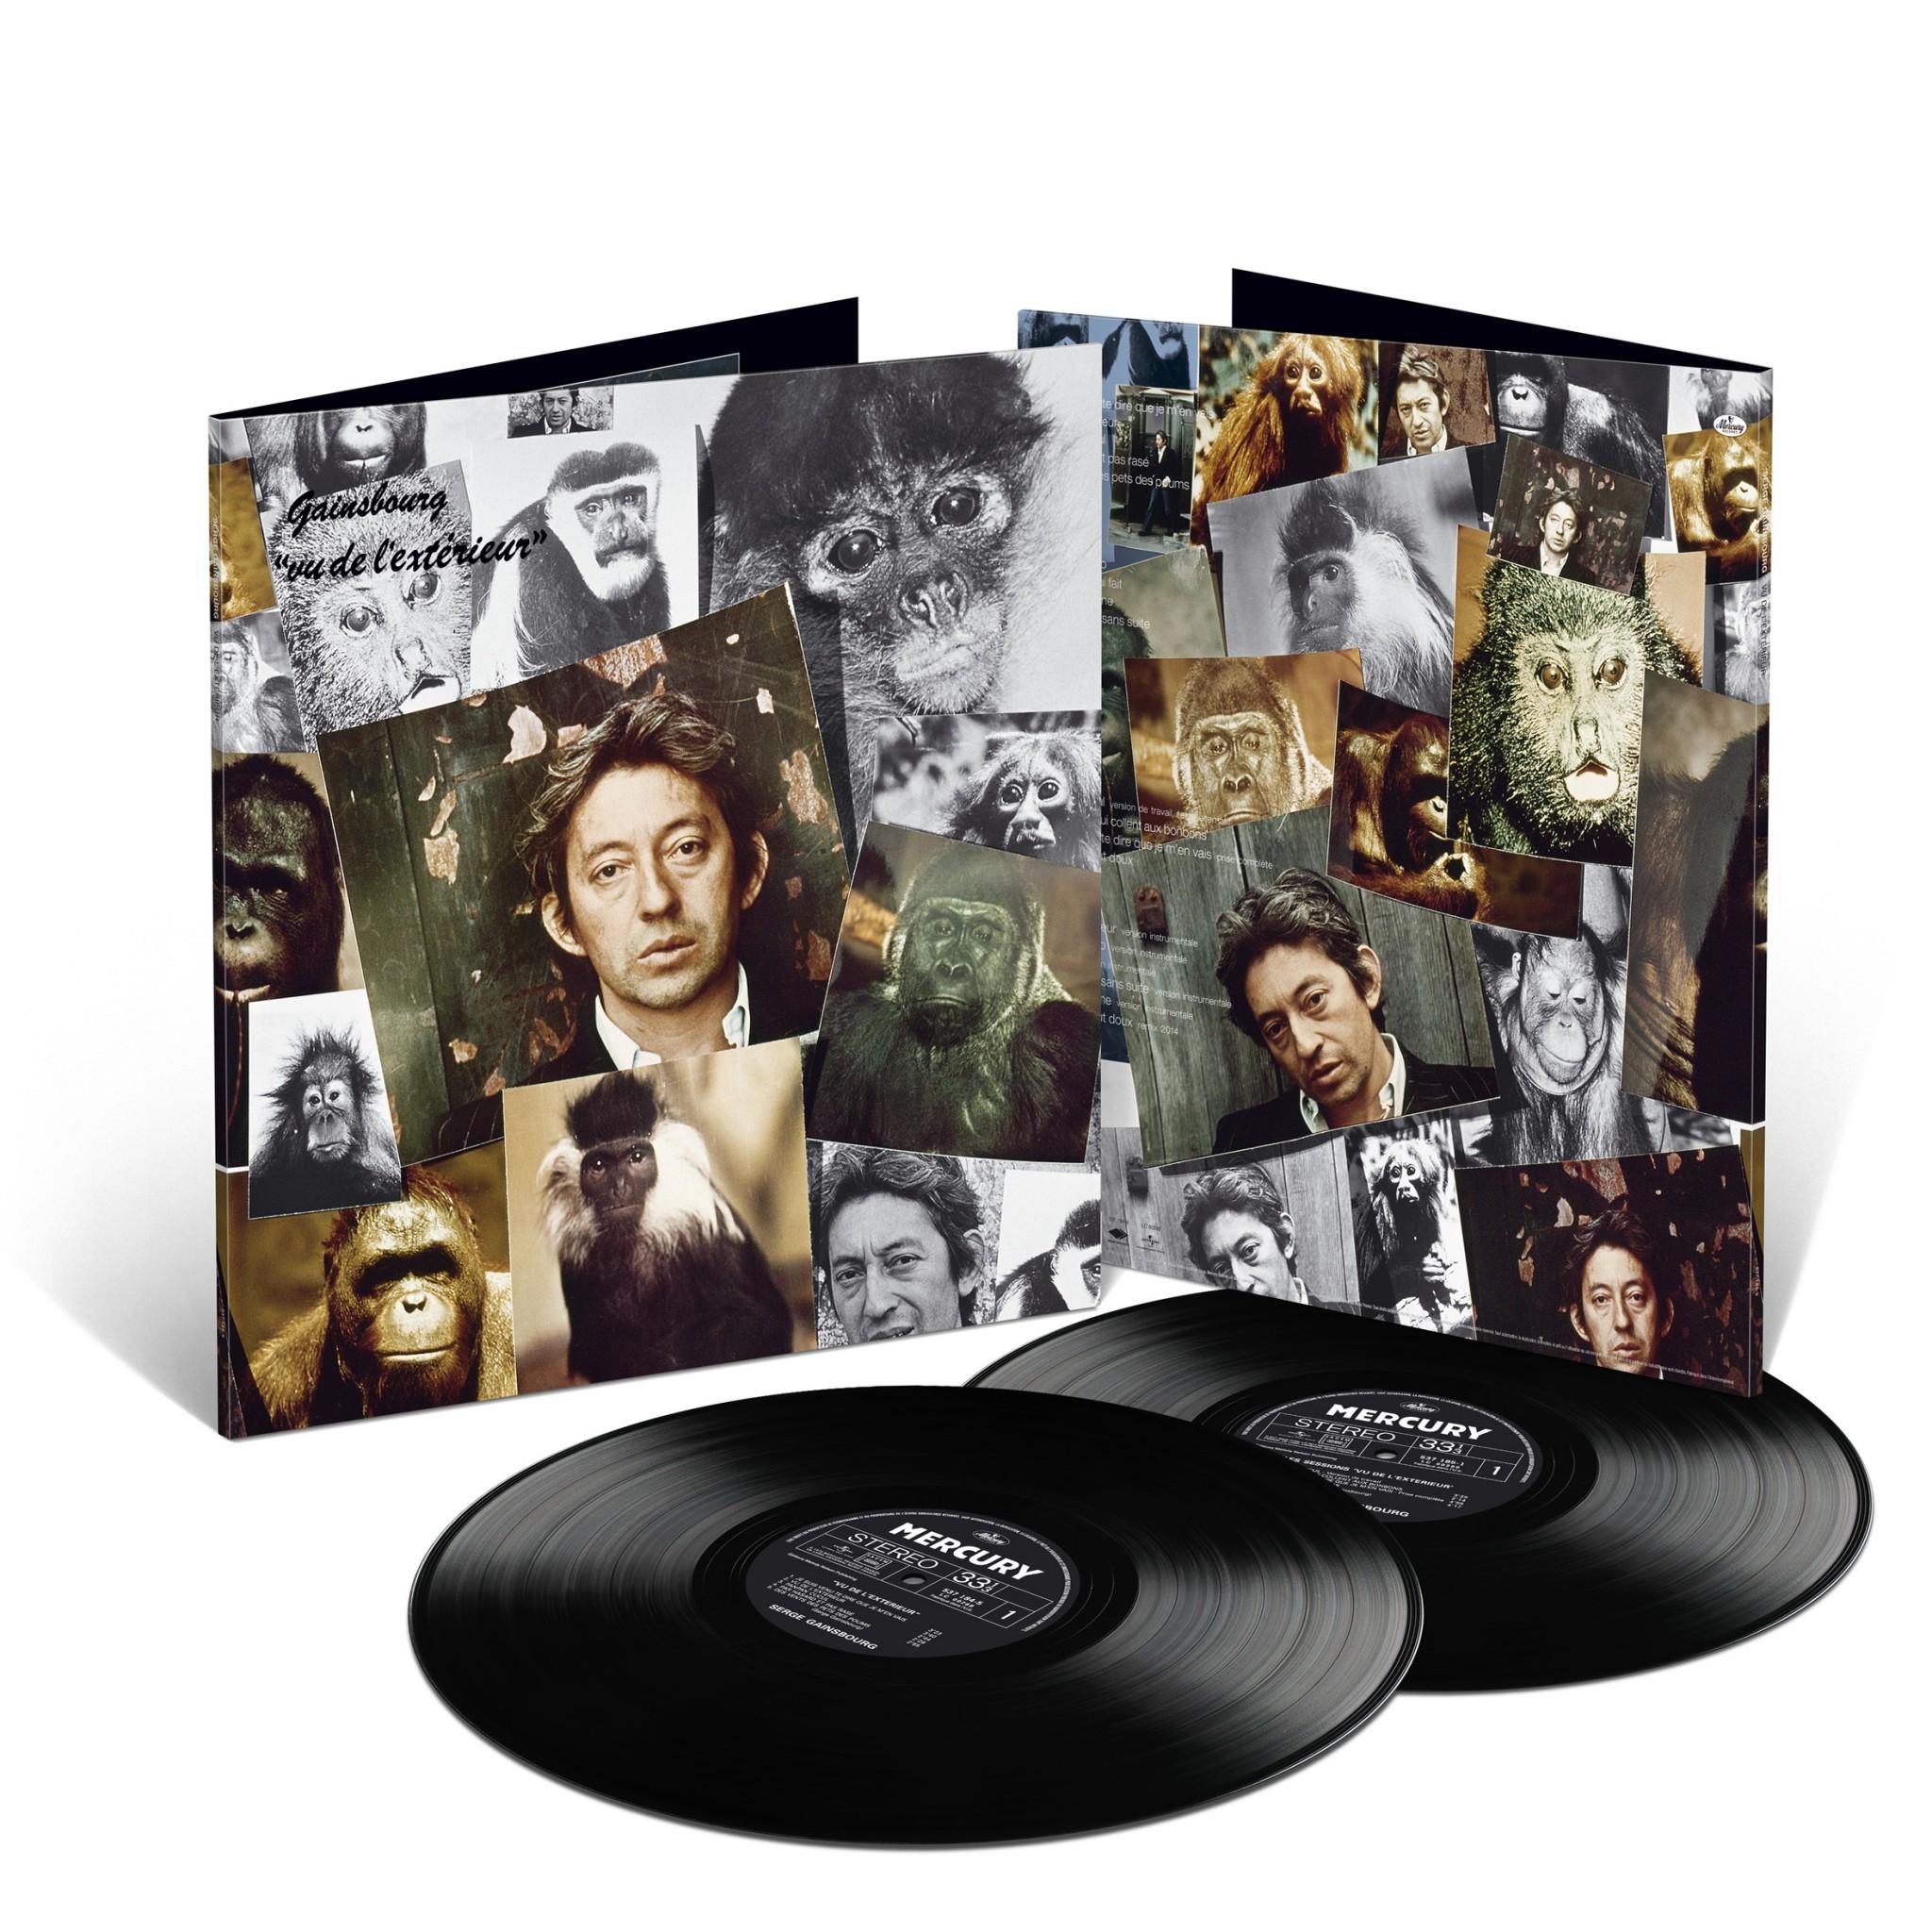 Gainsbourg en 33 tours vos platines et caetera muziq for Gainsbourg vu de l exterieur